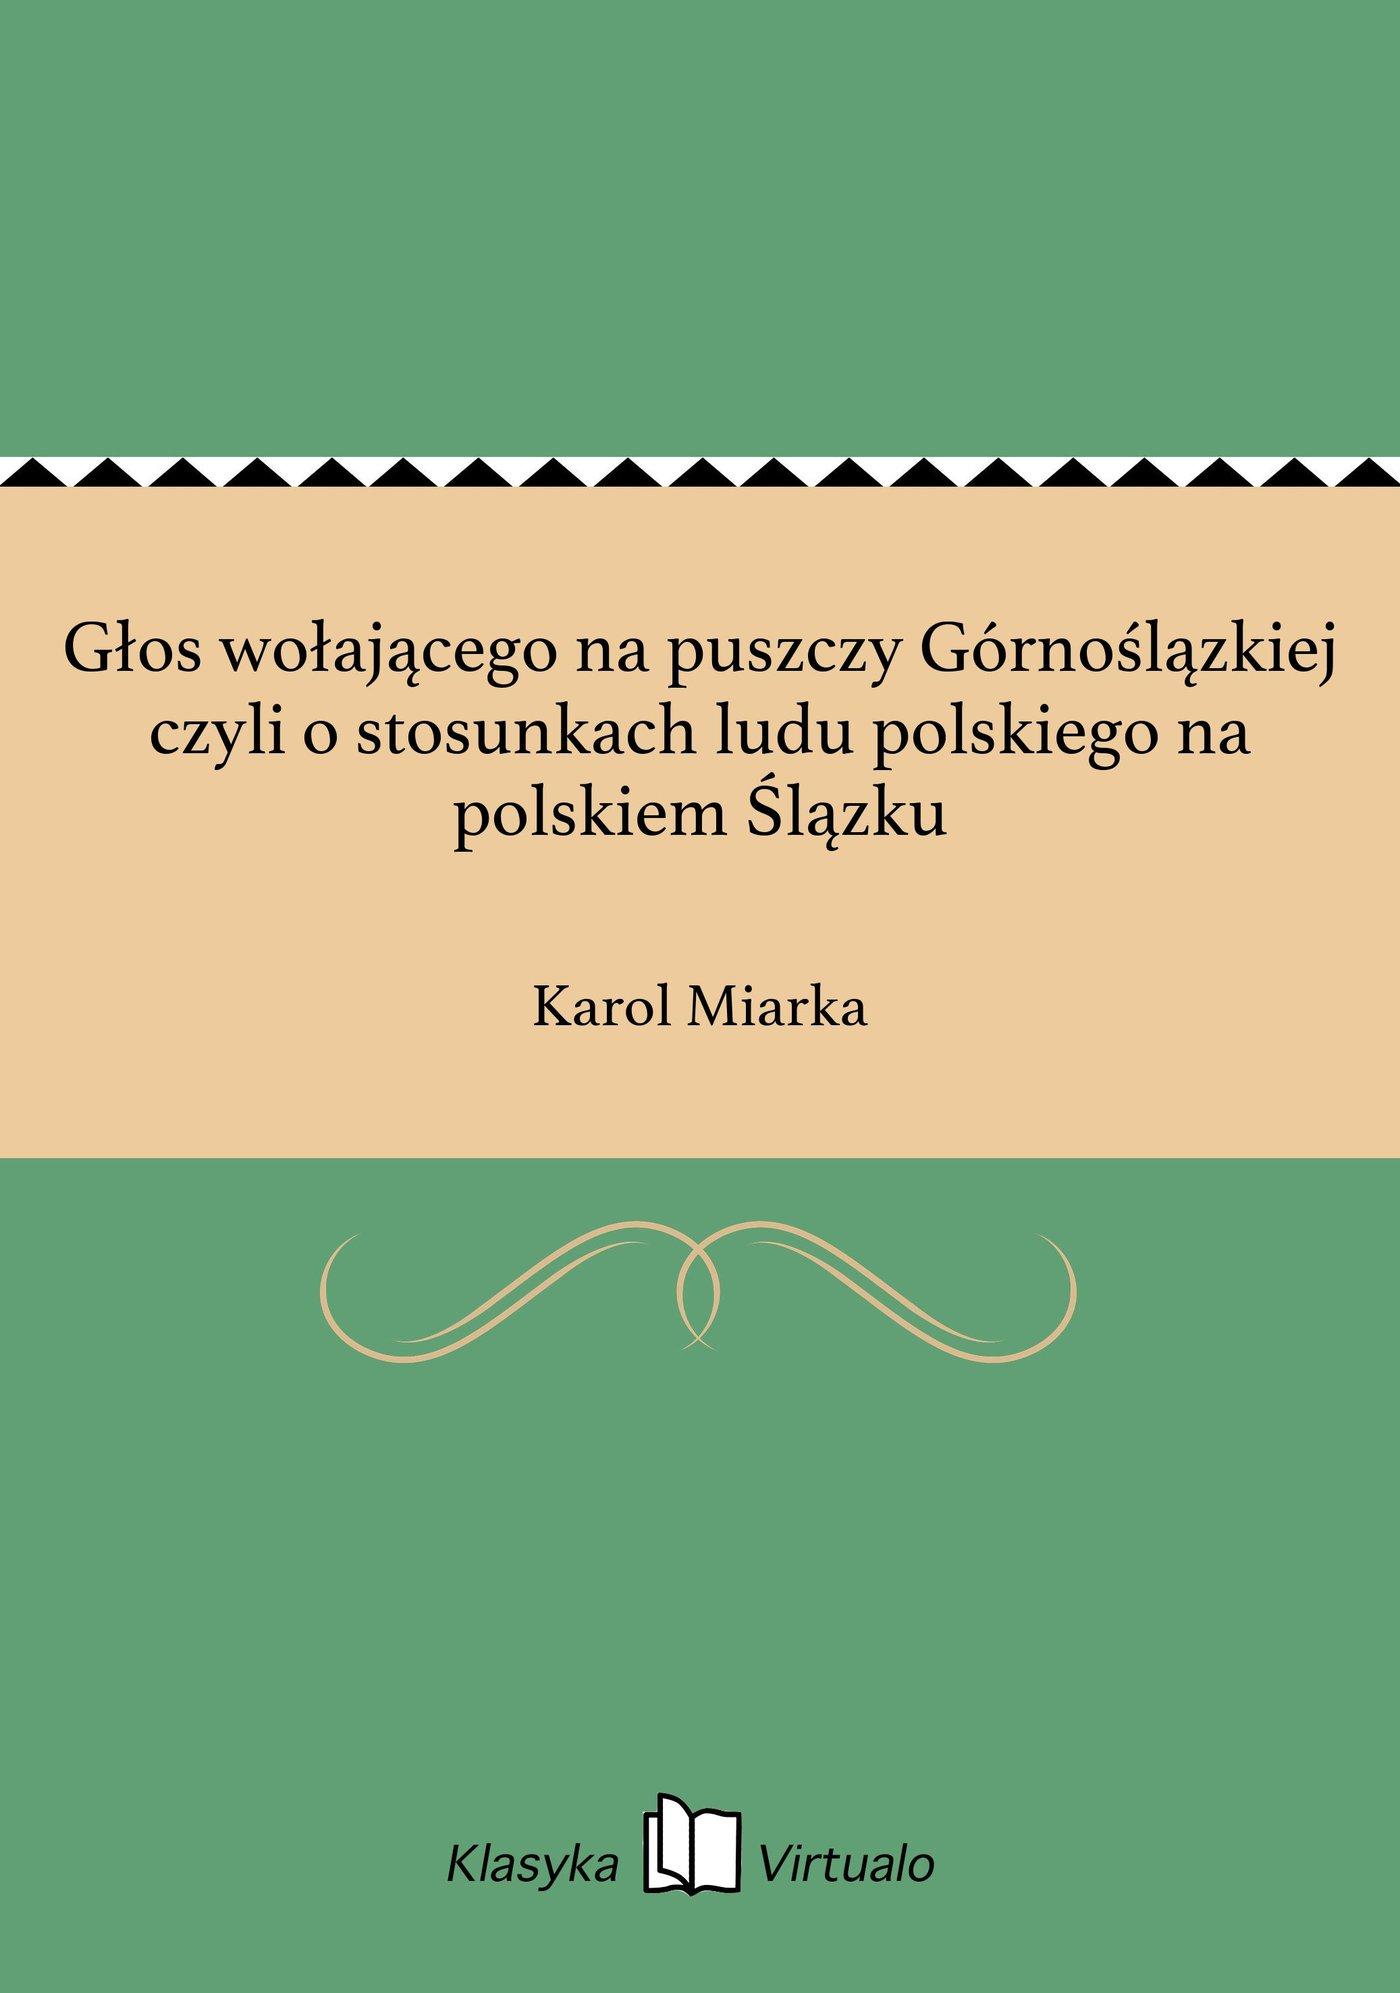 Głos wołającego na puszczy Górnoślązkiej czyli o stosunkach ludu polskiego na polskiem Ślązku - Ebook (Książka EPUB) do pobrania w formacie EPUB